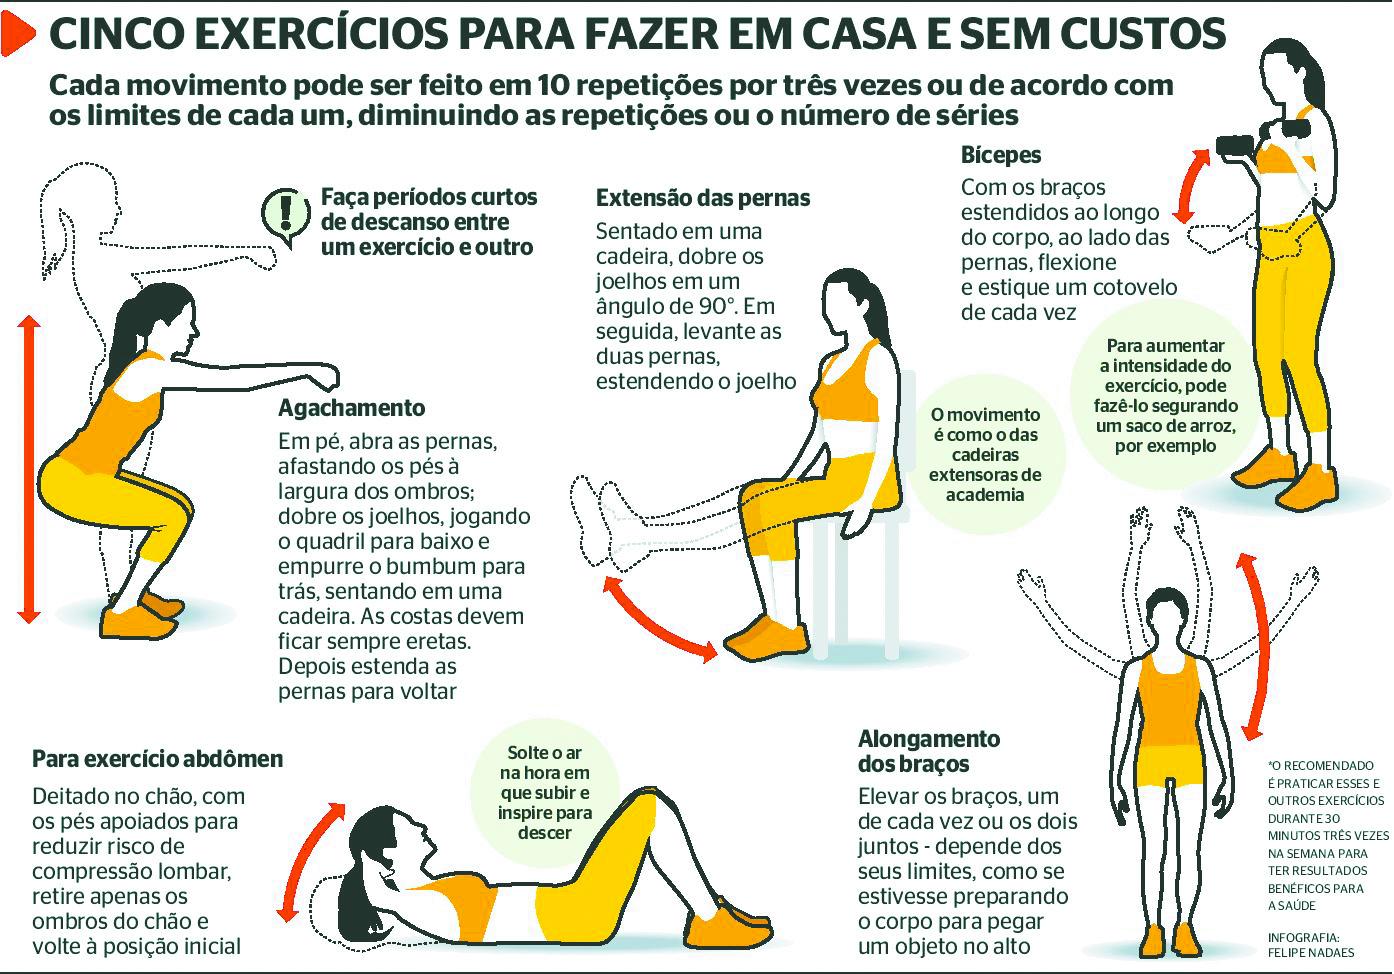 16 - Exercício em casa